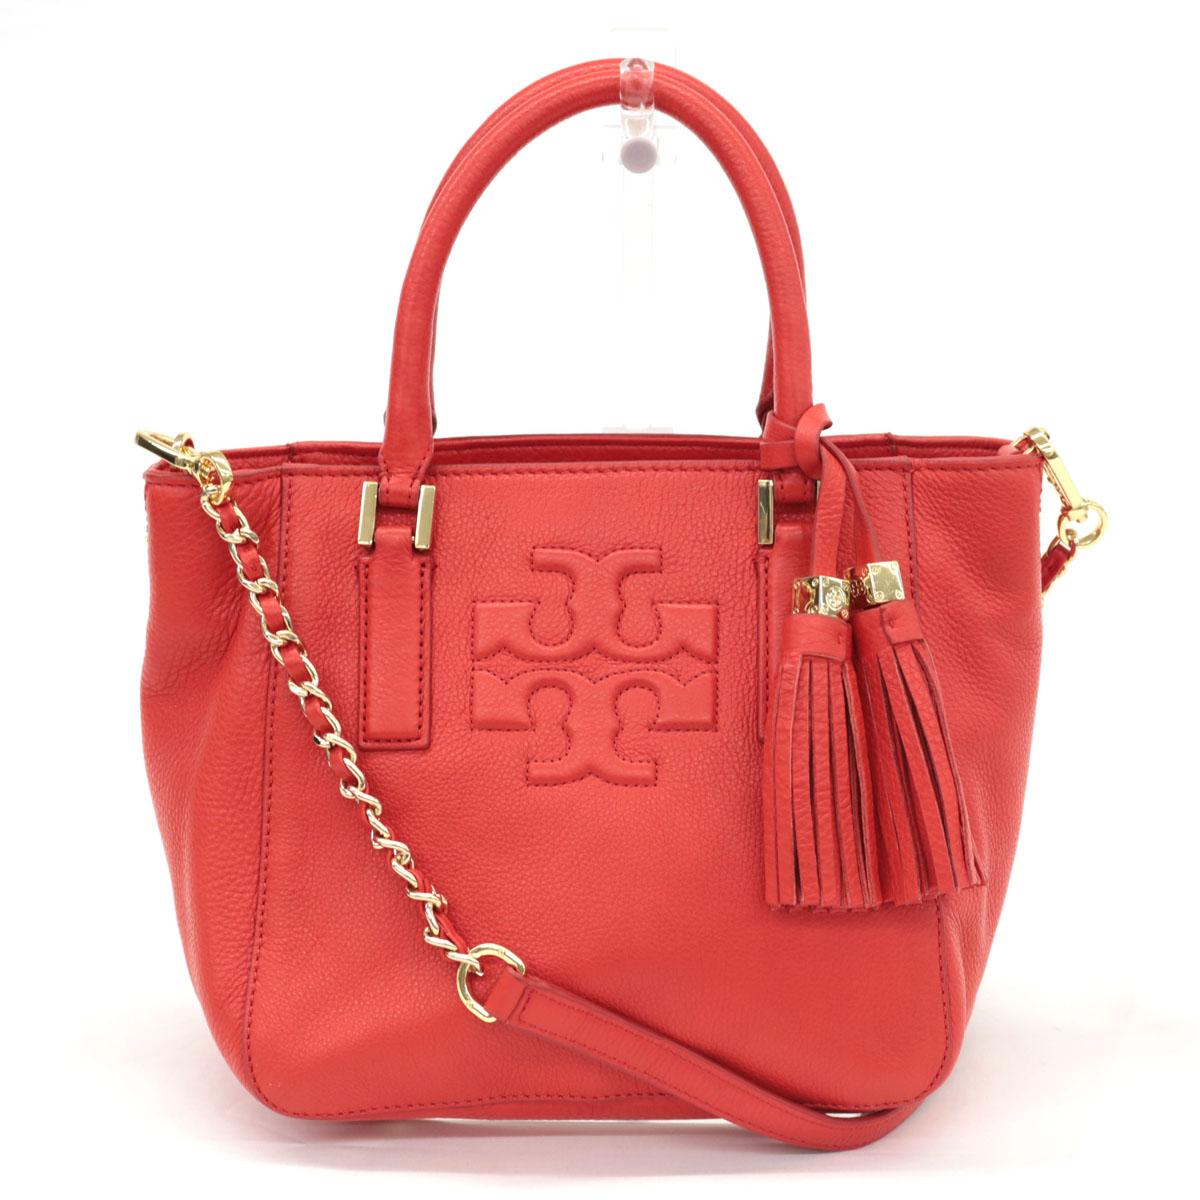 【中古】良好◆TORYBURCH トリーバーチ 2WAY レザーハンドバッグ◆ red /赤/レッド/ショルダー/ロゴ/斜め掛け/レディース/鞄